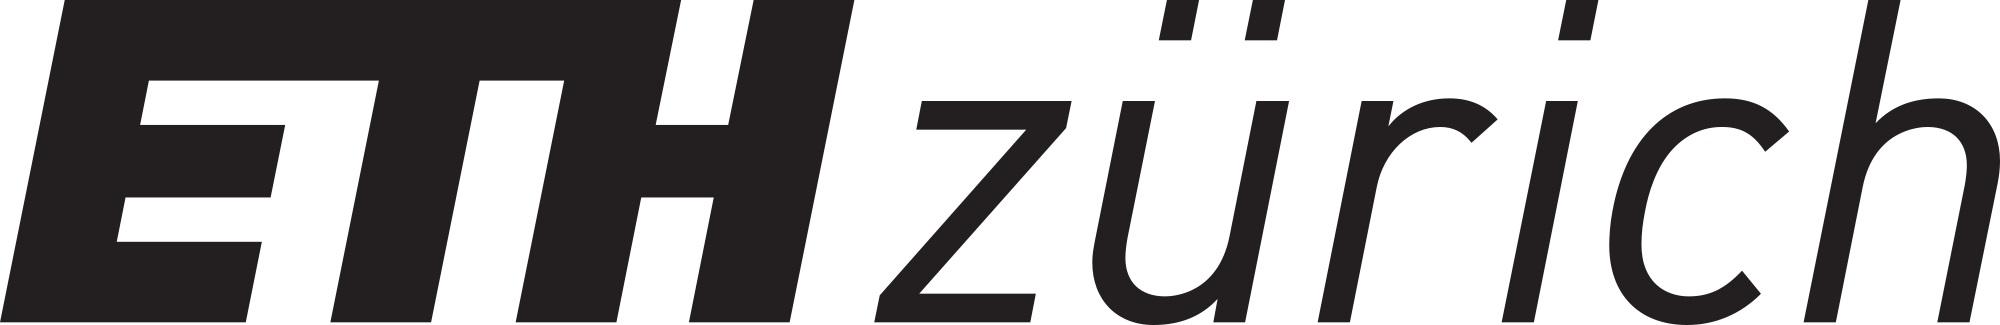 Image eth logo